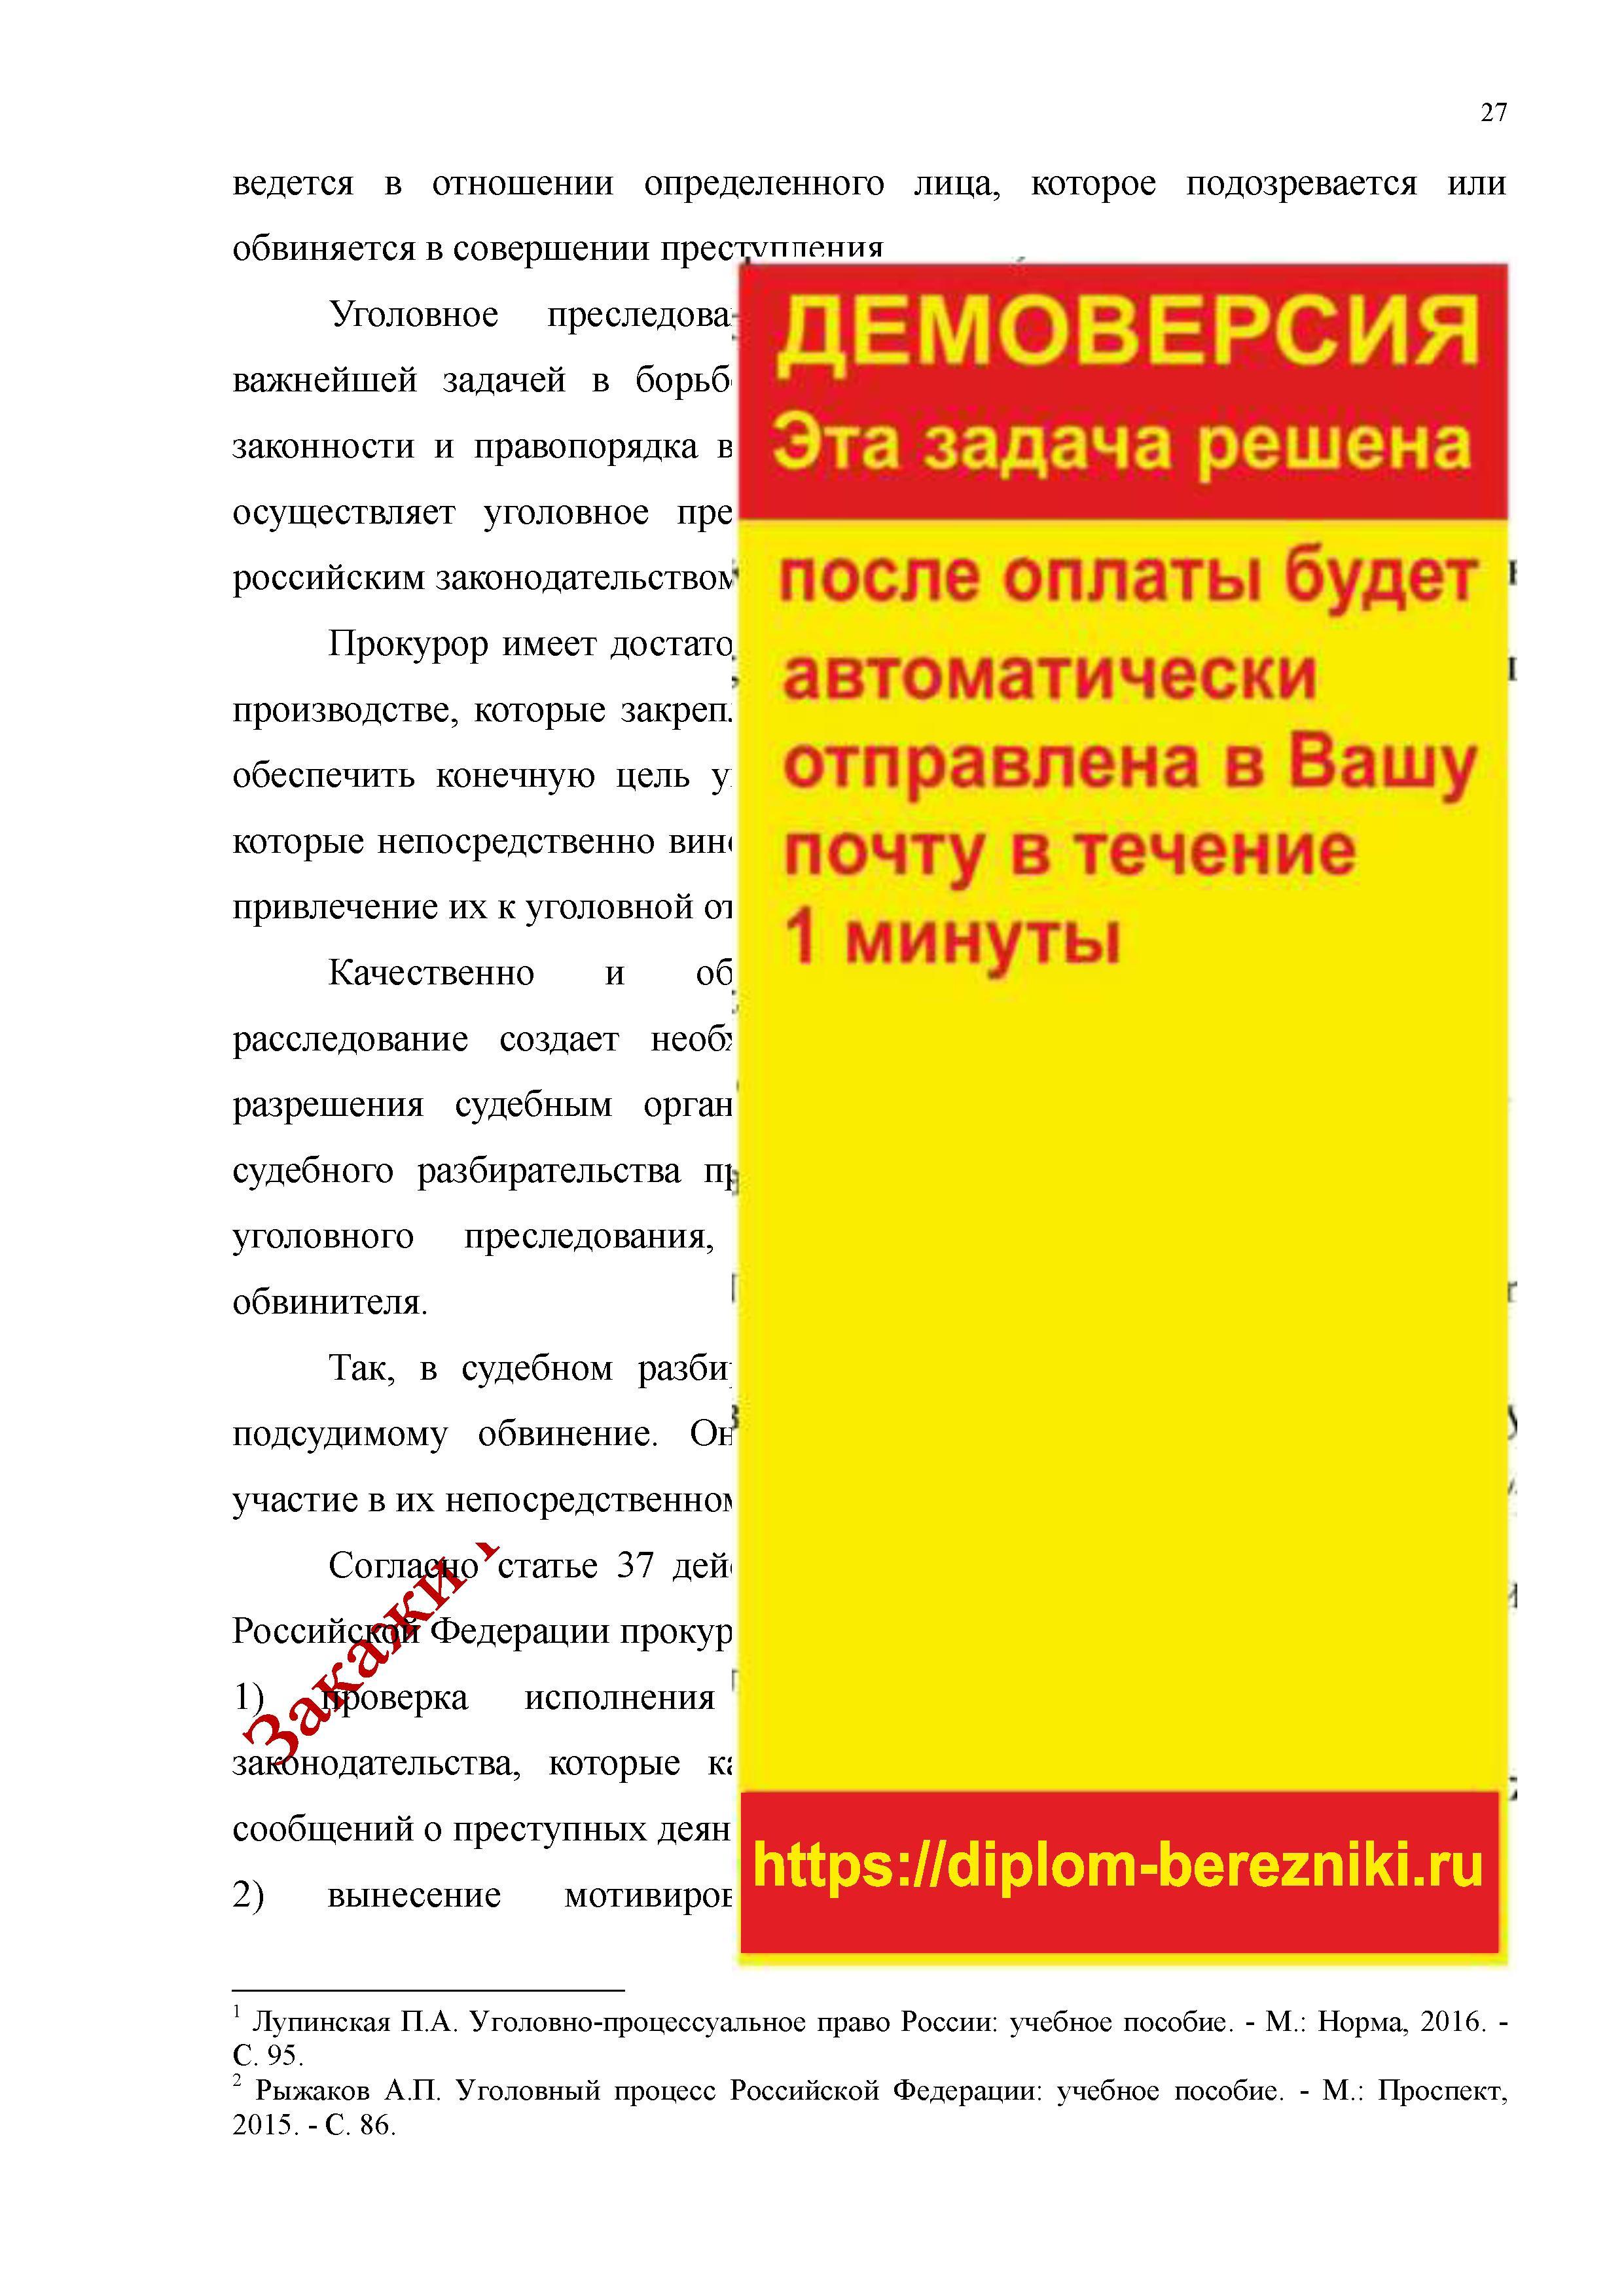 Прокуратура РФ – это единая федеральная централизованная система органов